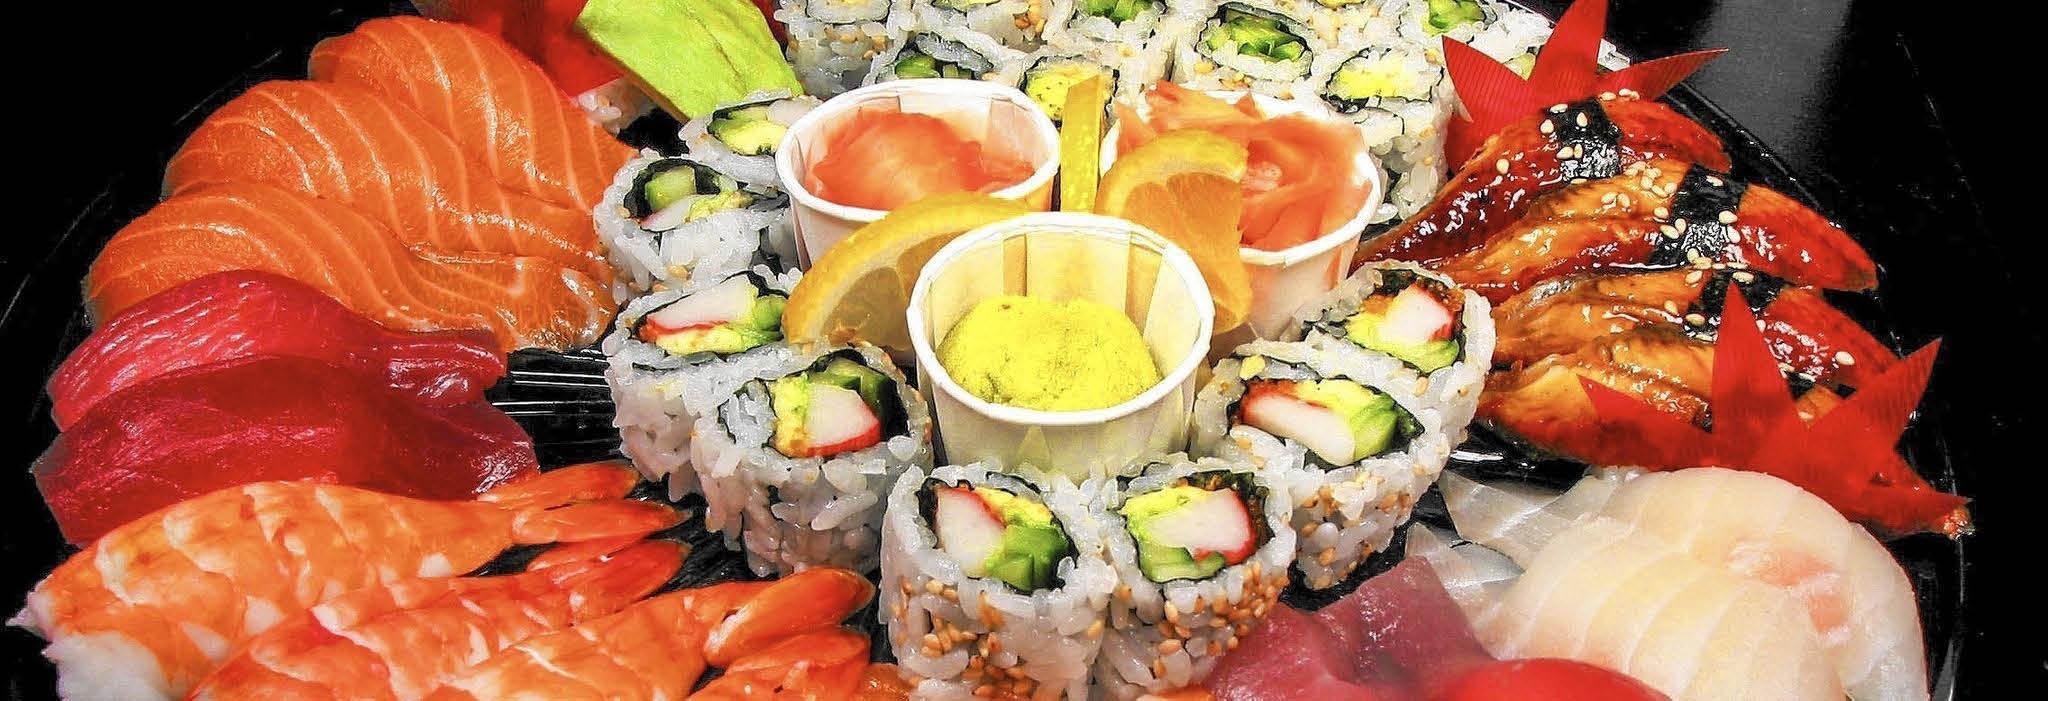 Platter-presentation of sushi and sashimi variety